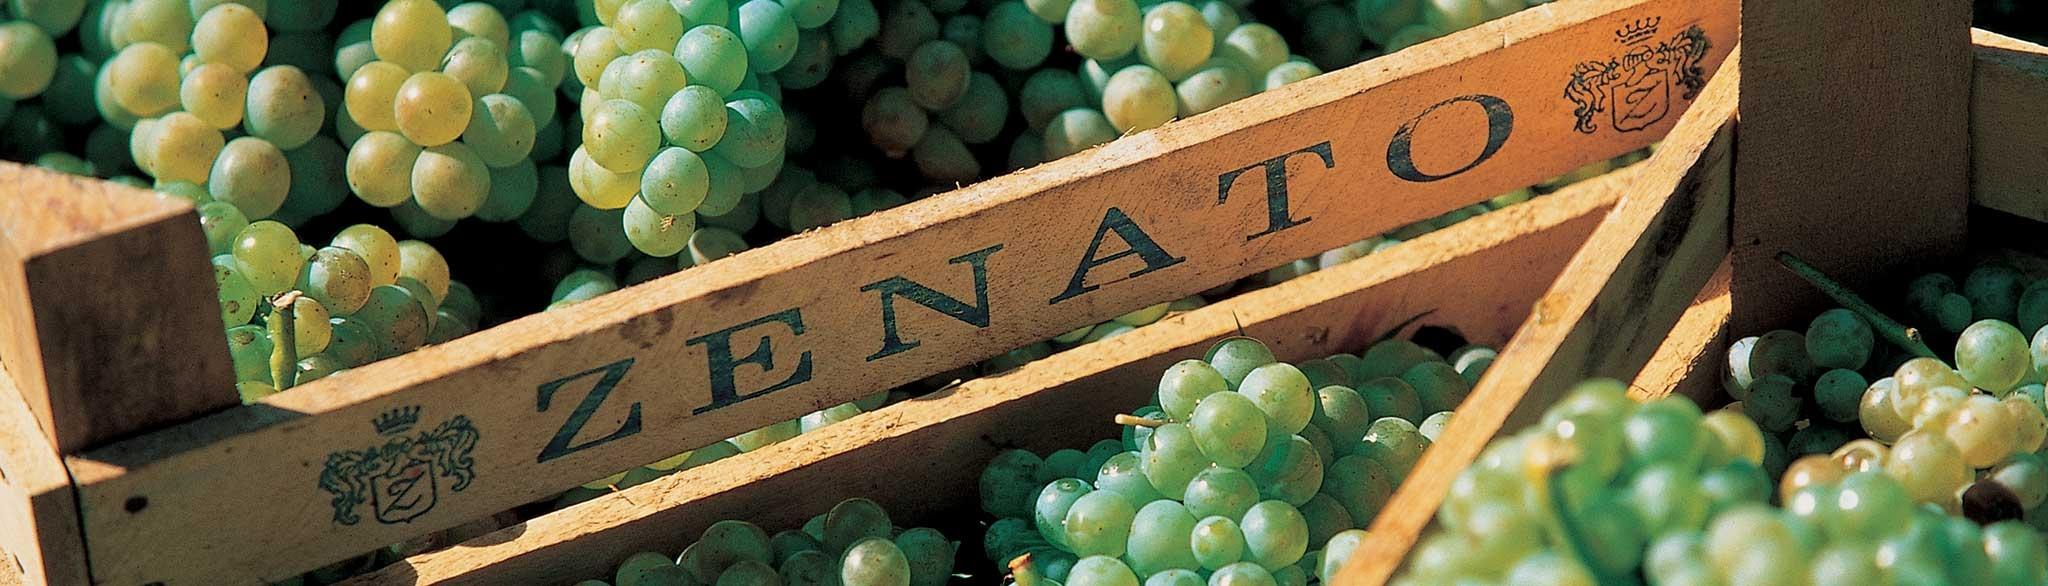 zenato wijn